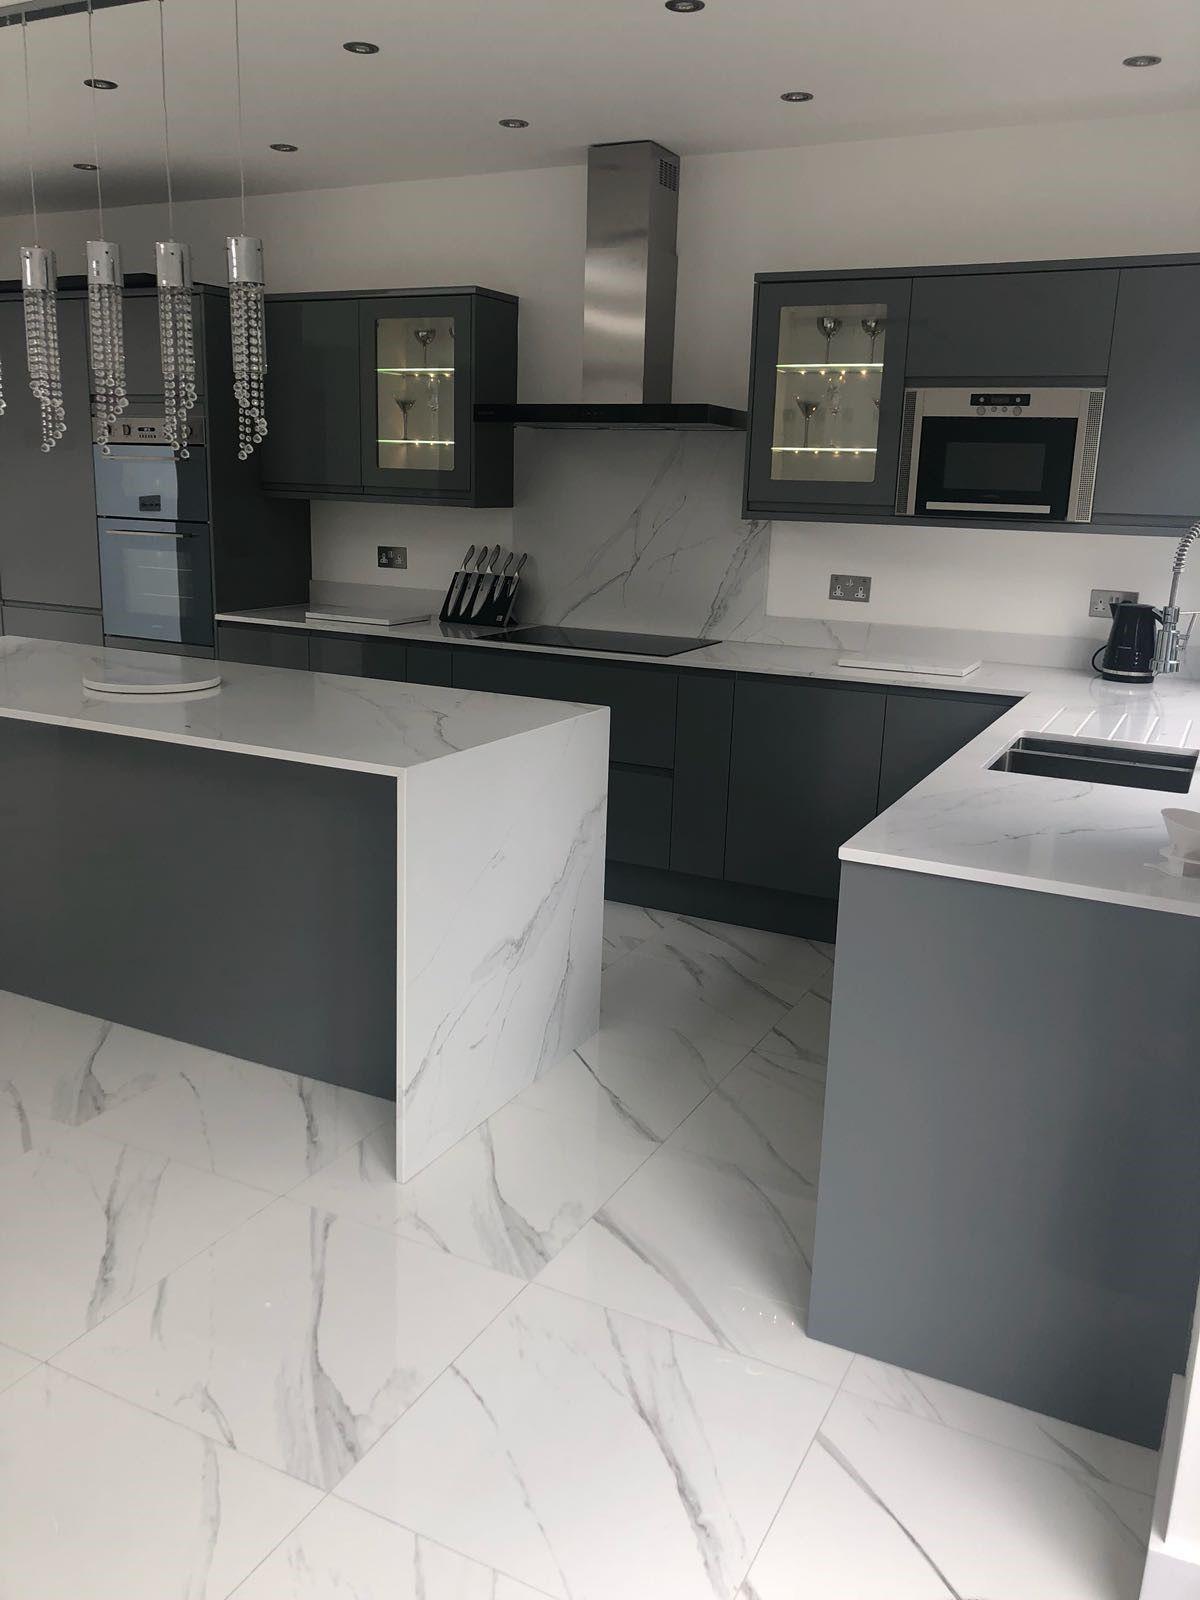 Stunning Compac Surfaces Marble Effect Unique Calacatta Quartz Kitchen Workto Kitchen Cabinets And Countertops Modern Kitchen Design Kitchen Inspiration Design